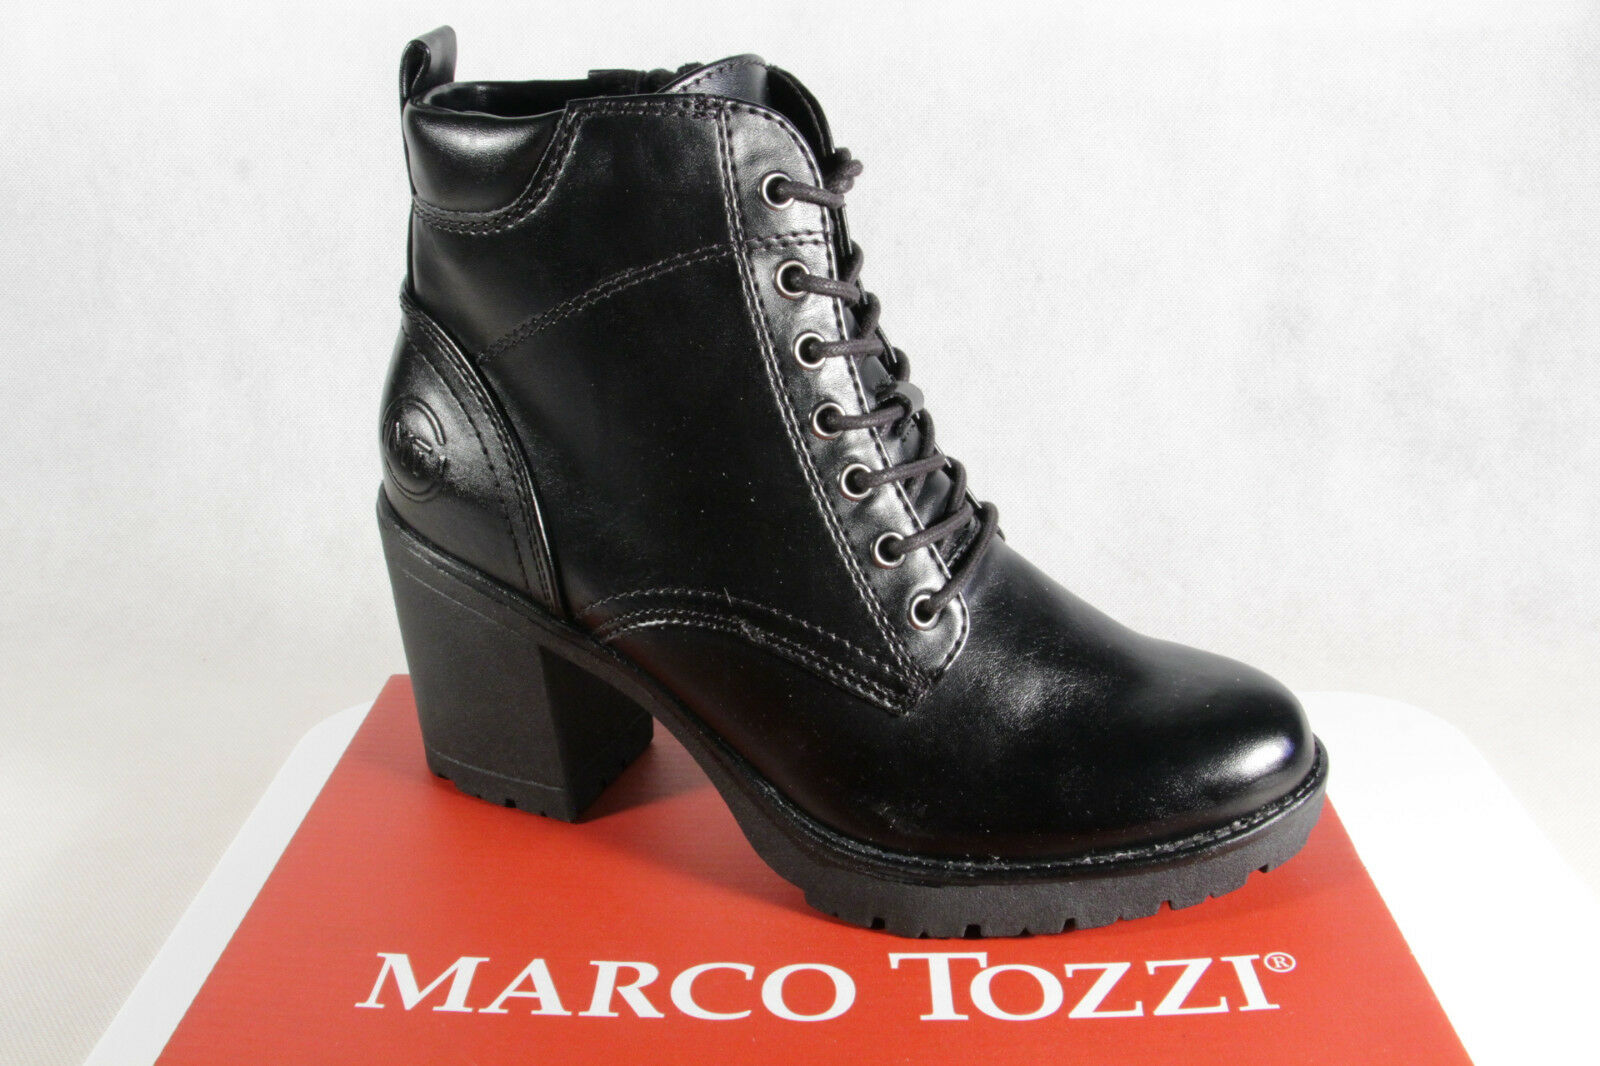 Marco Tozzi Stivali donna stivali stivaletti stivali coi lacci, 25204 NUOVO | Prezzo Affare  | Gentiluomo/Signora Scarpa